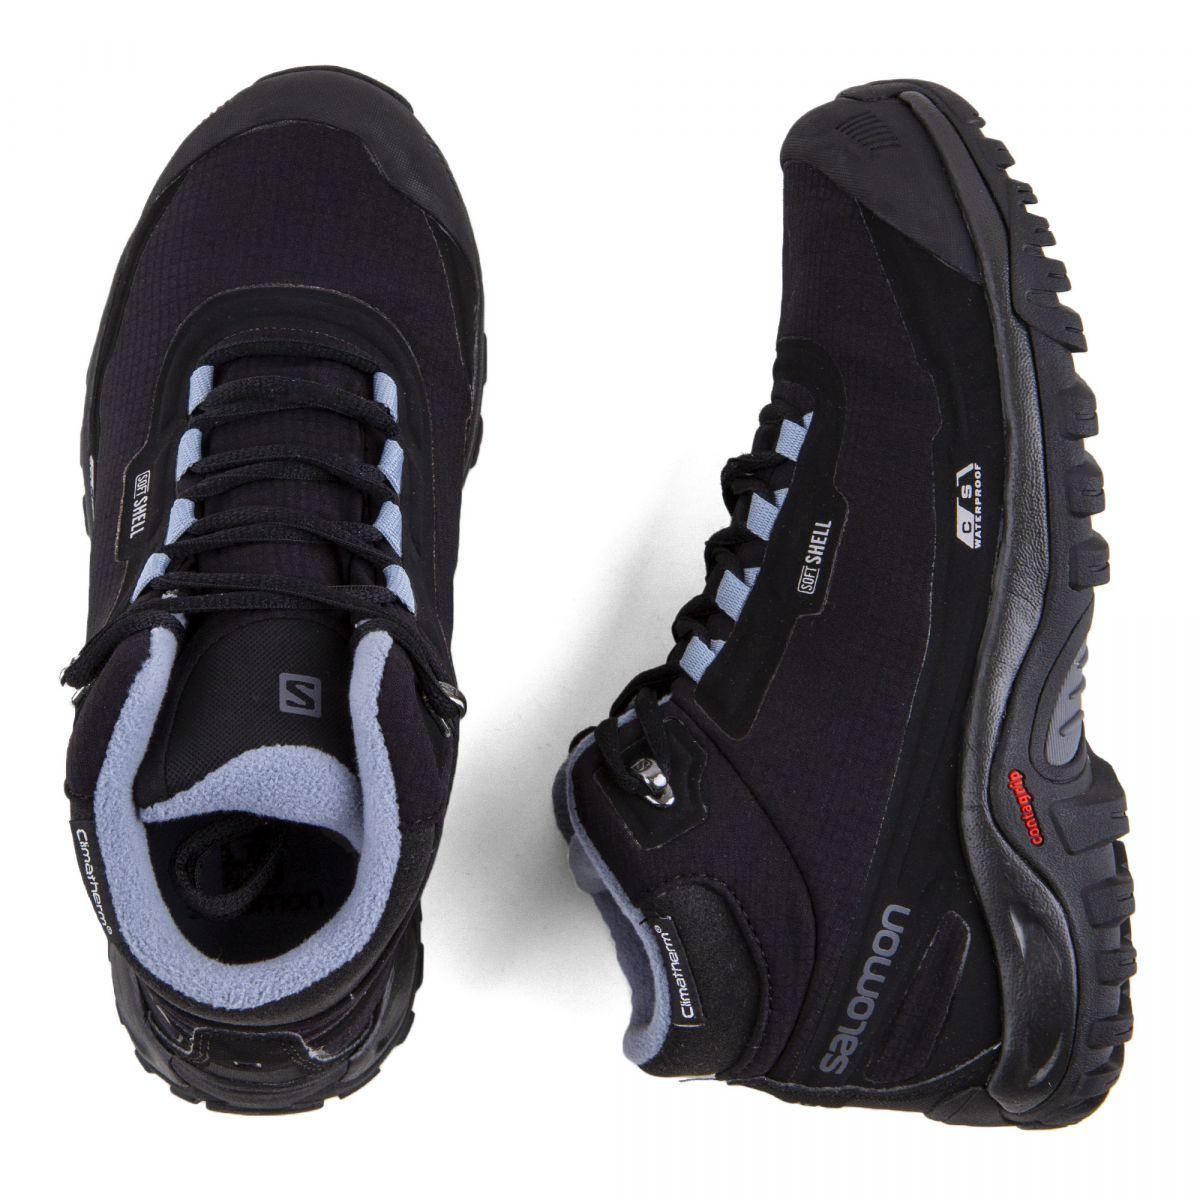 Chaussures De Waterproof Randonnées Shelter Cs Femme À Wp Salomon tQrCosxdBh